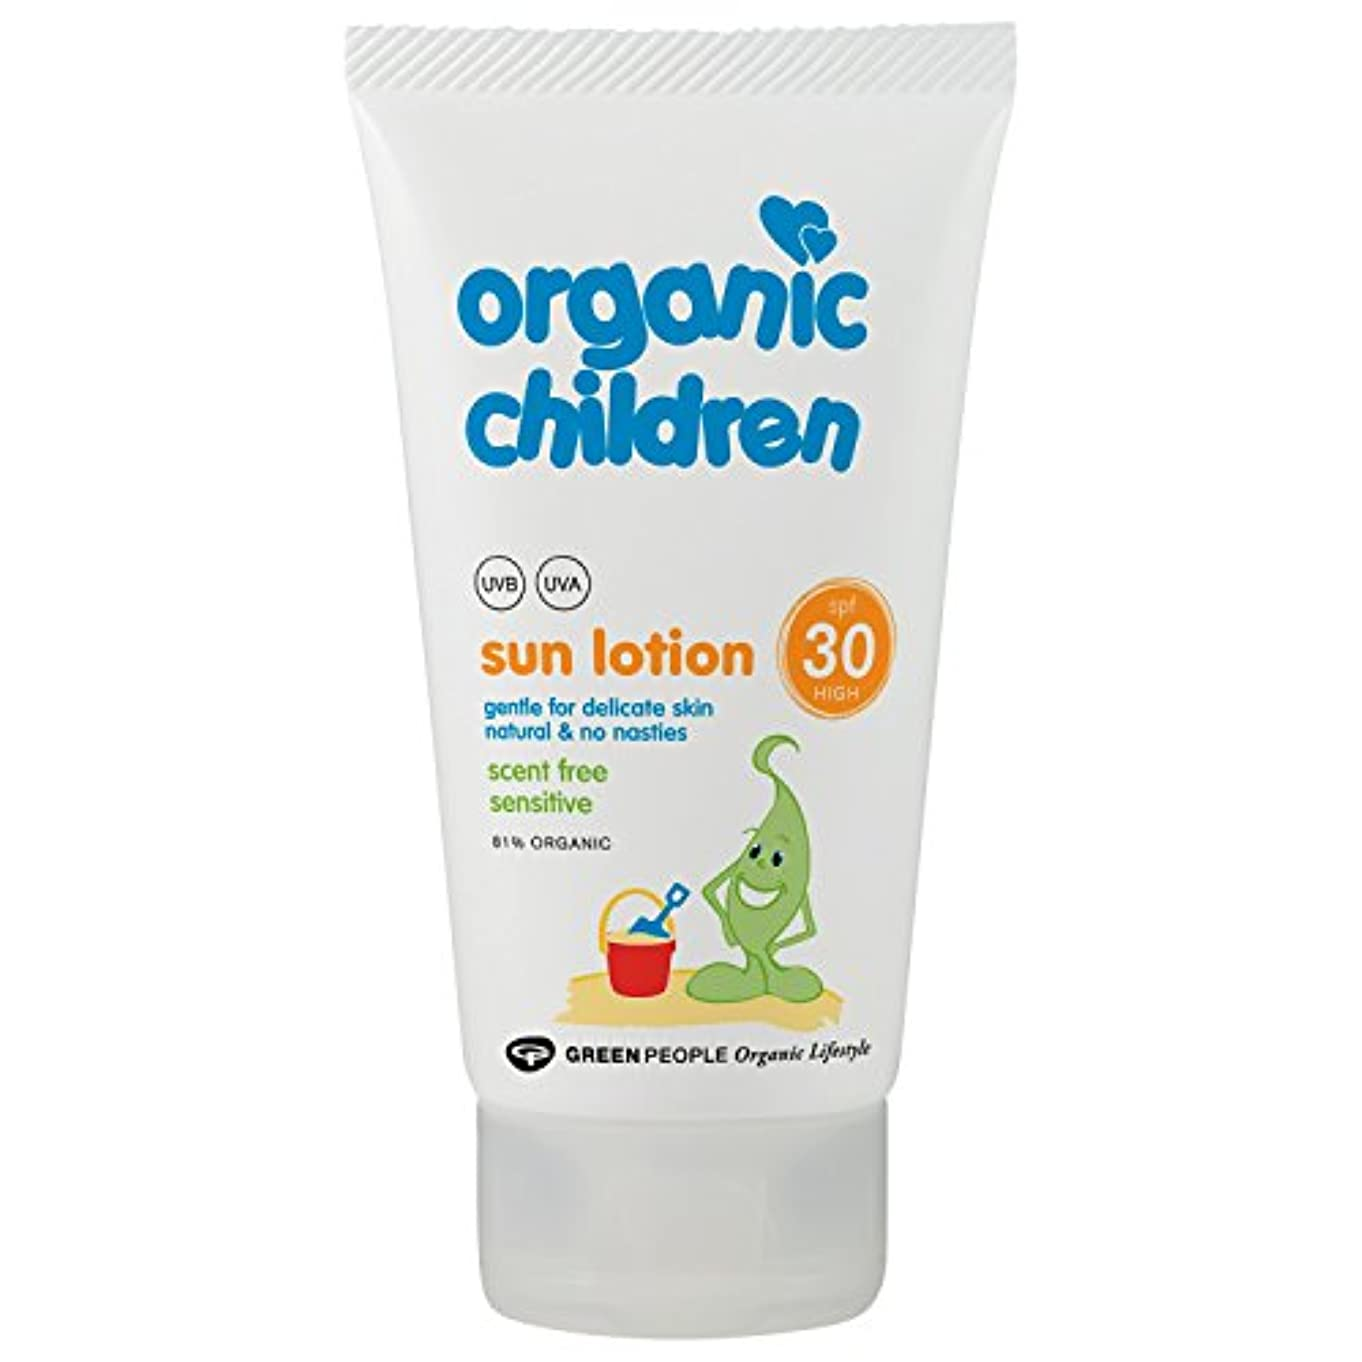 裸フルーツカートリッジOrganic Children SPF 30 Sun Lotion 150g - 有機子どもたちは30日のローション150グラムを [並行輸入品]